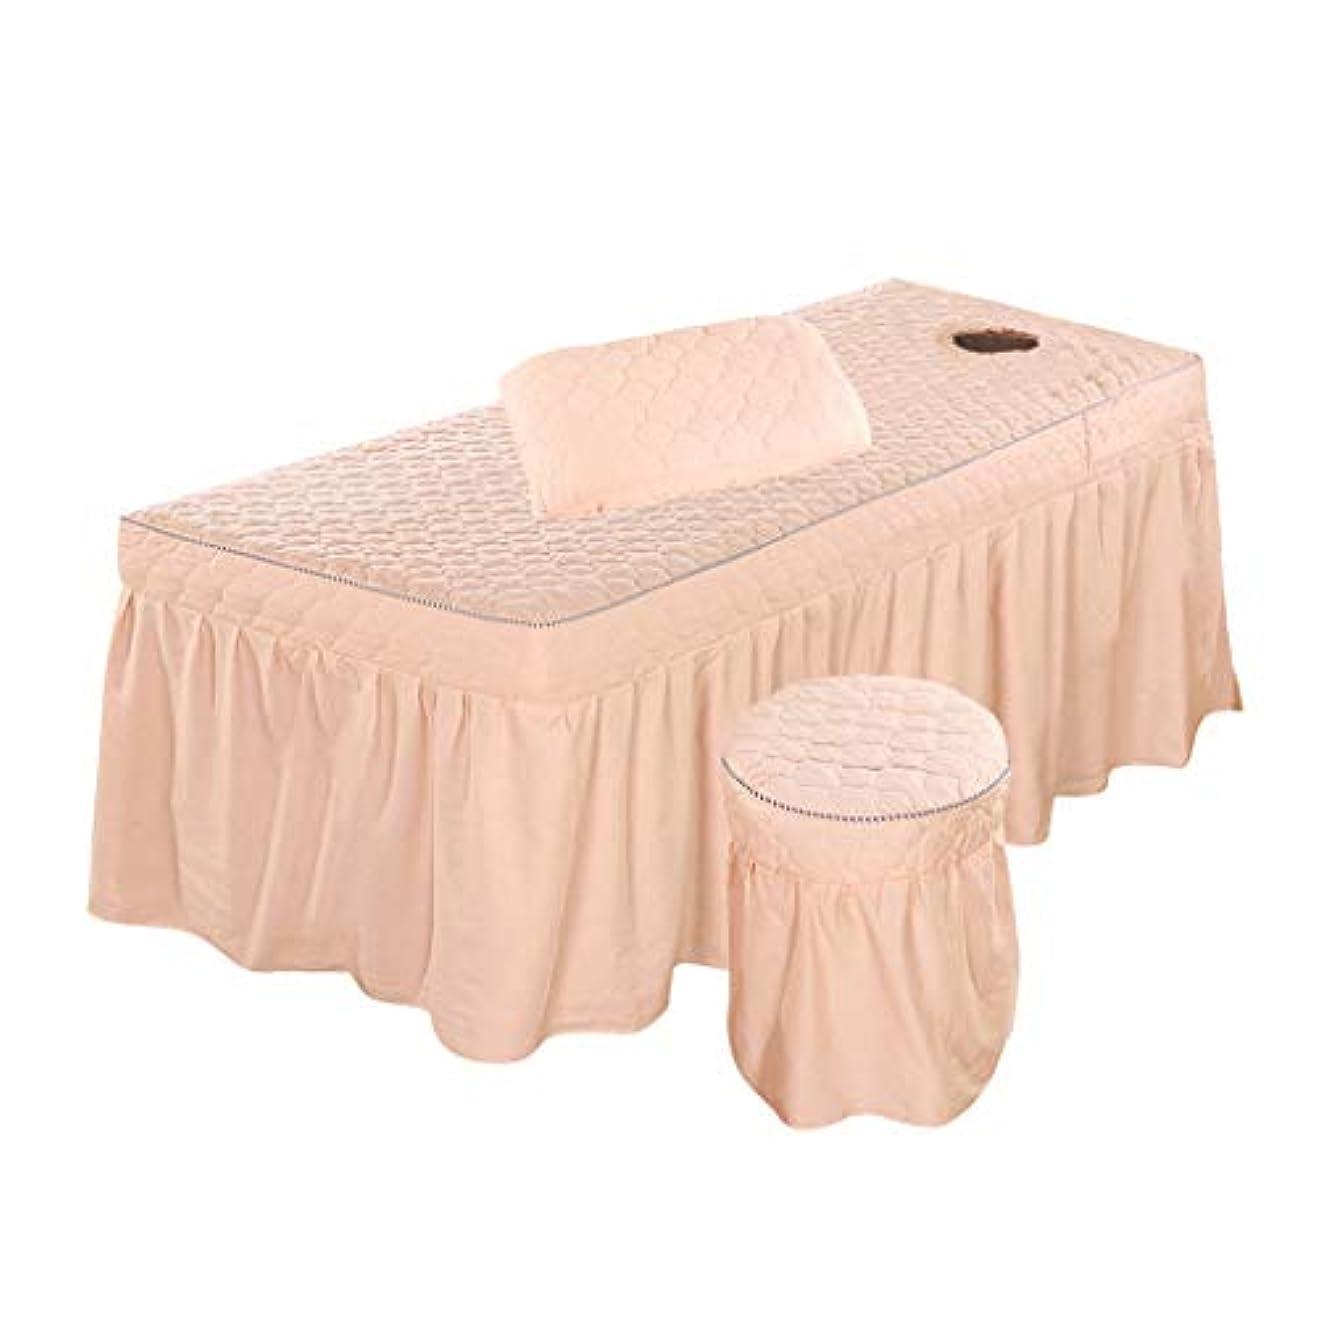 熟考する手荷物私マッサージベッドカバー 有孔 スツールカバー 枕カバー 快適 3個/セット - ライトピンク